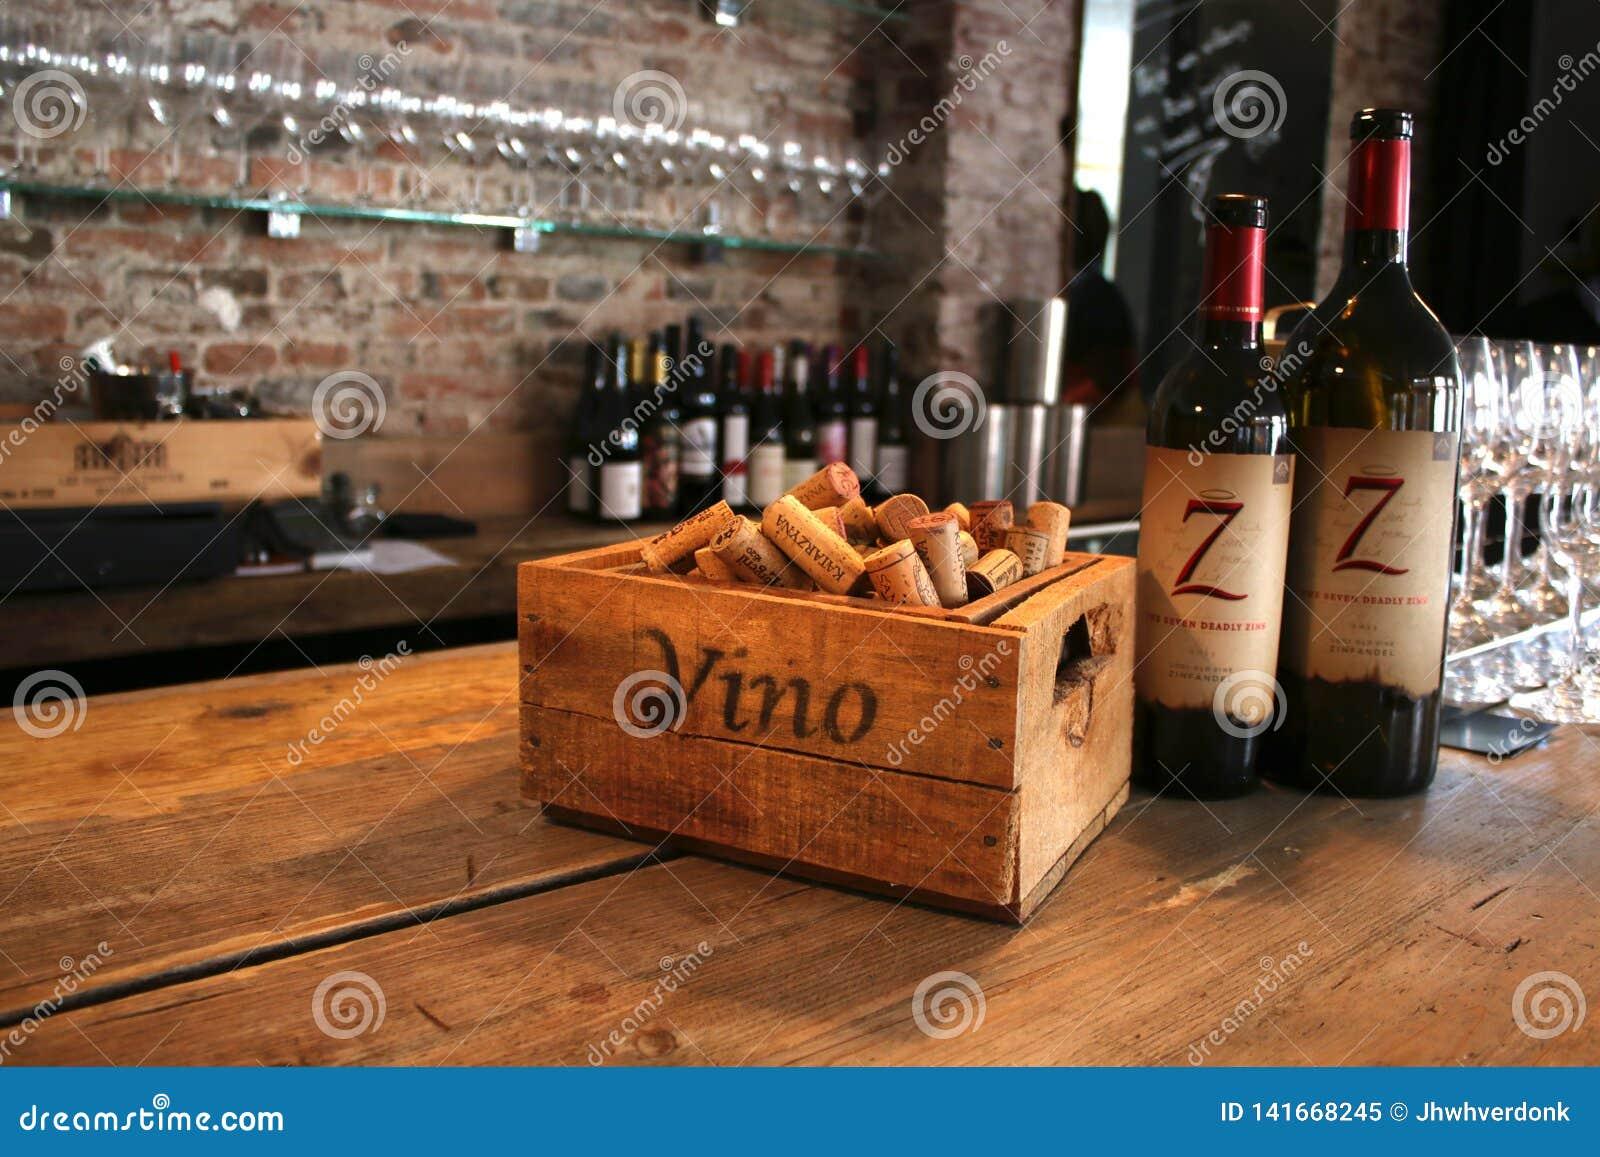 Utrecht, le Netherland, le 10 mars - 2019 : Vinothèque installée avec les bouchons en bois et deux bouteilles de vin